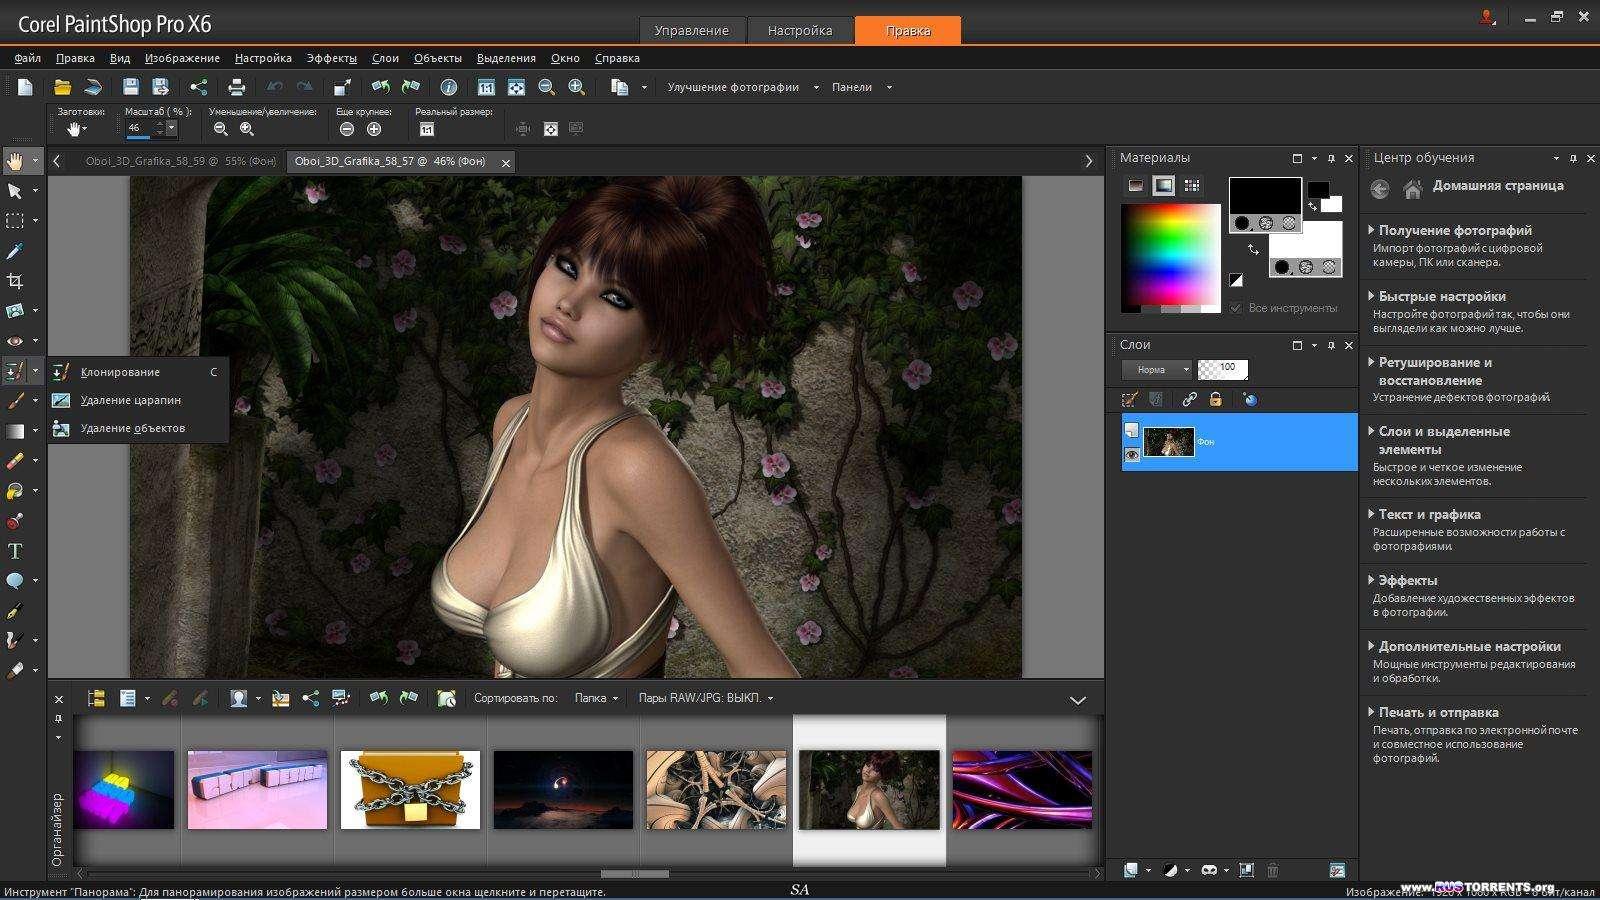 Corel PaintShop Pro X6 16.2.0.20 SP2 RePack by MKN